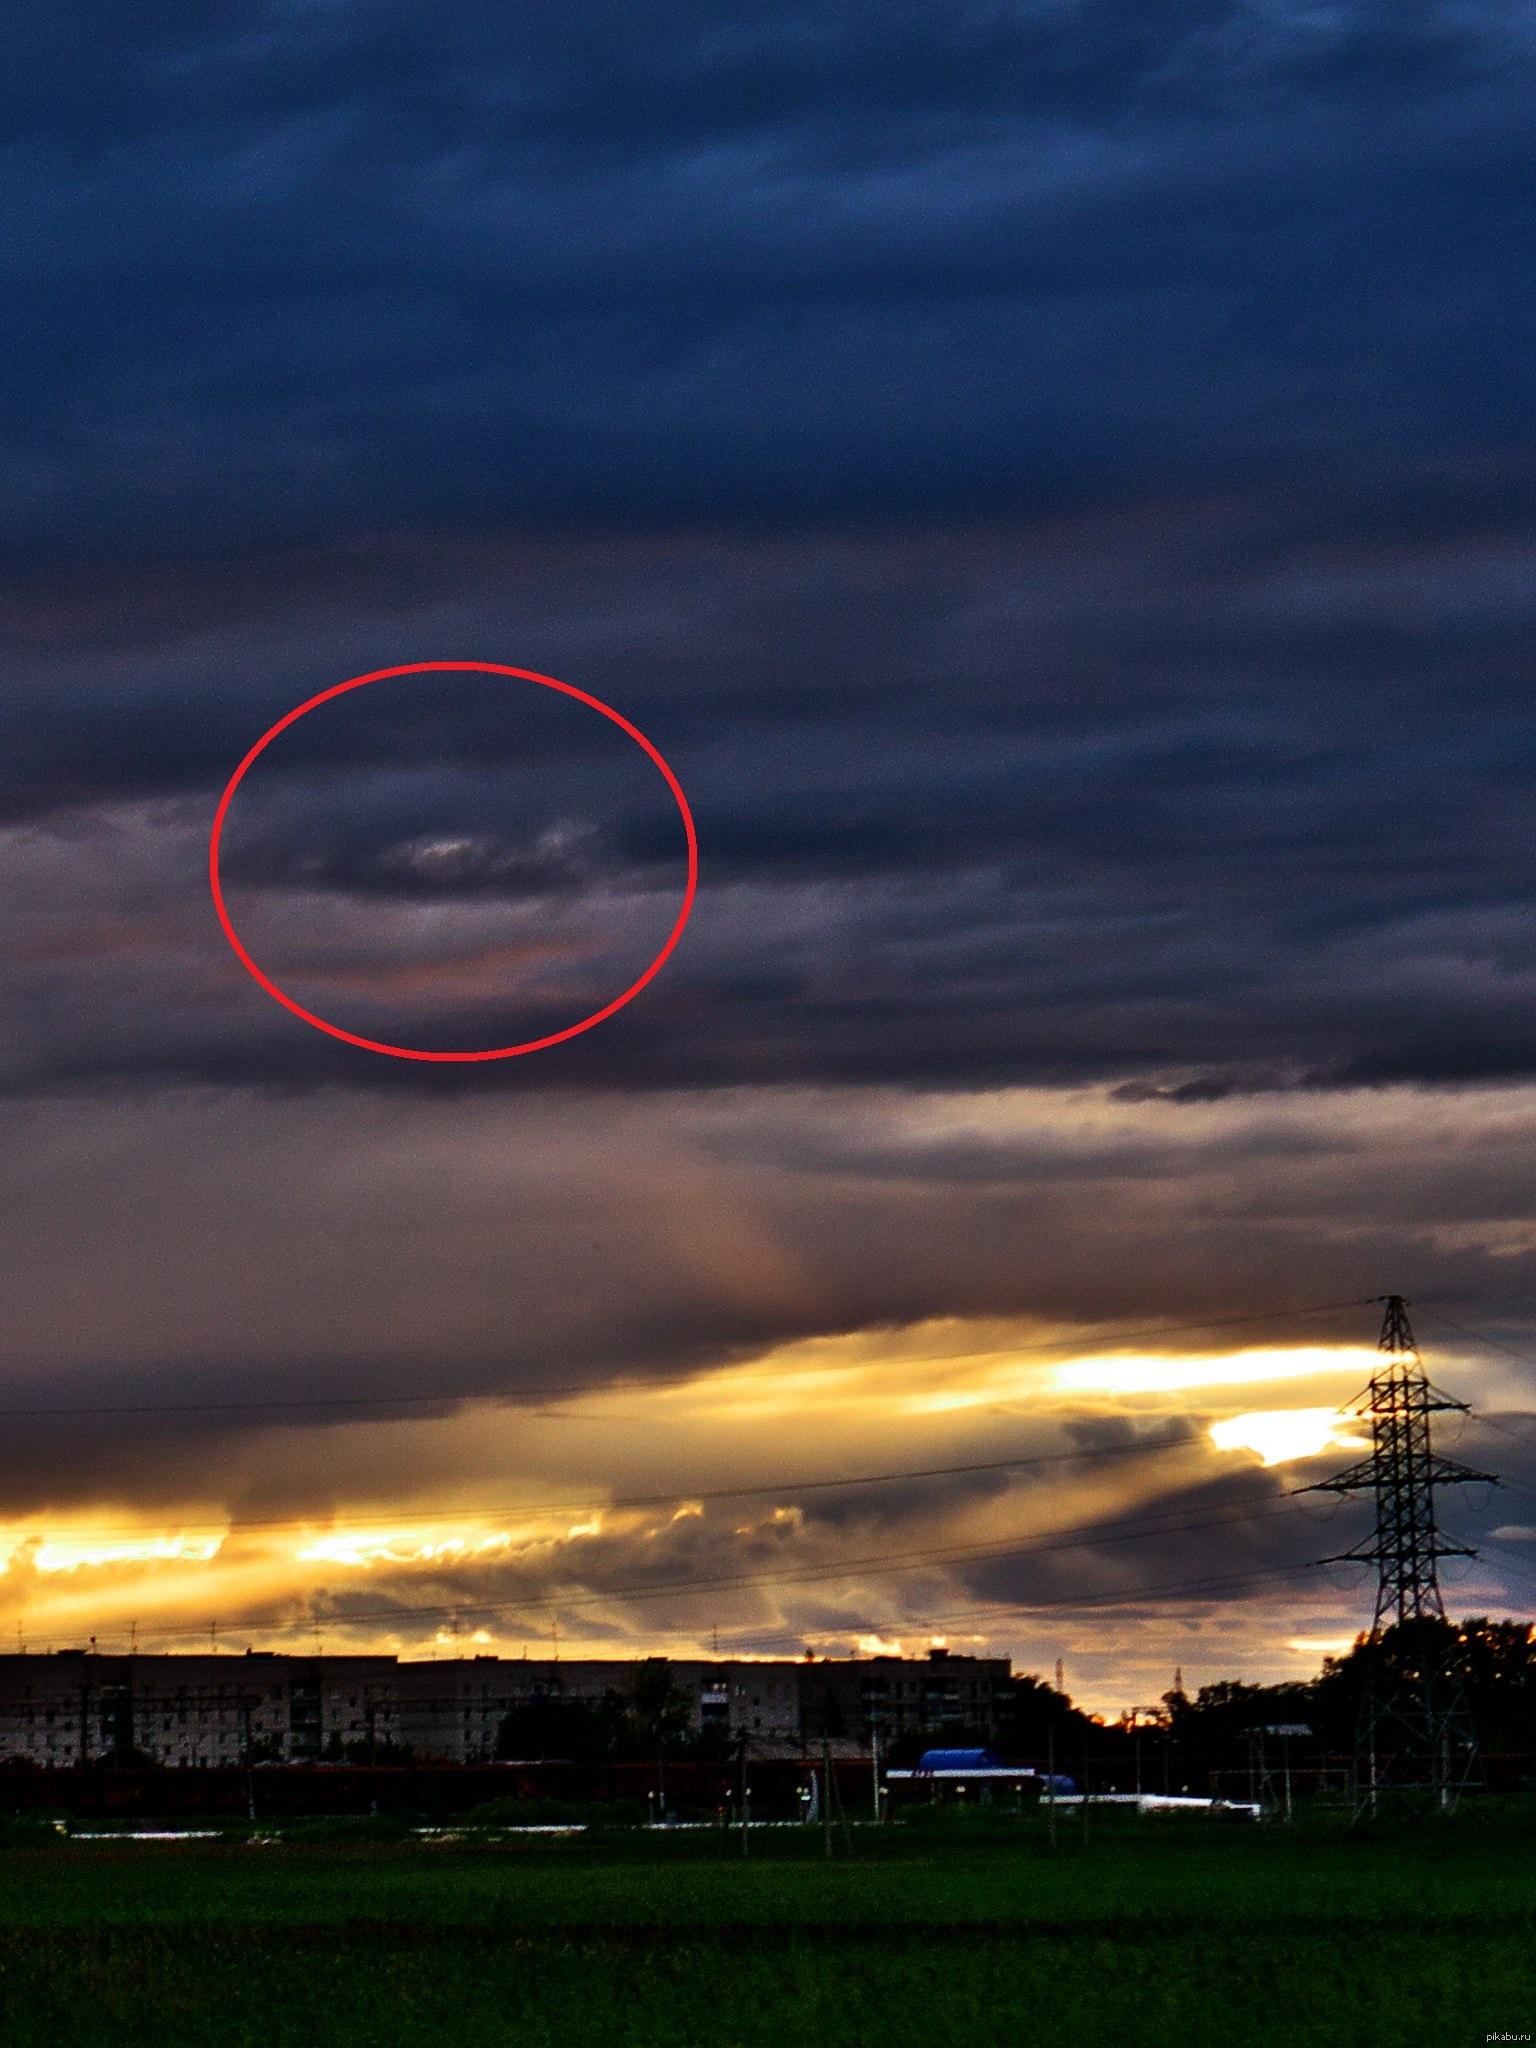 день наслаждались небо в глазах картинки фото упрямая турхан-султан